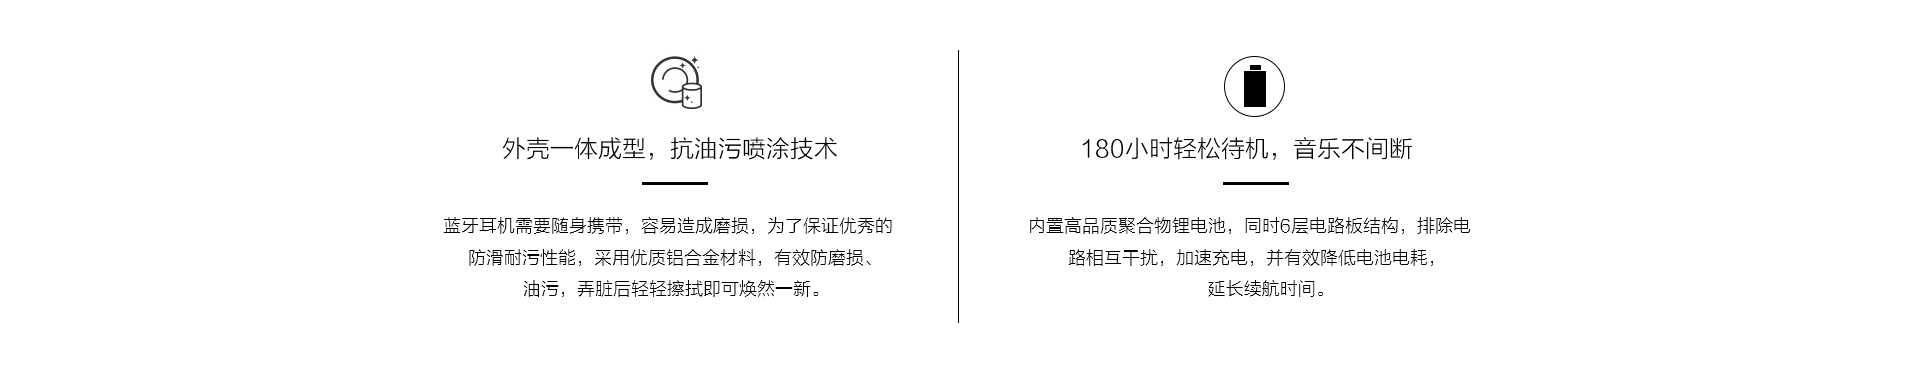 PC端_02.jpg